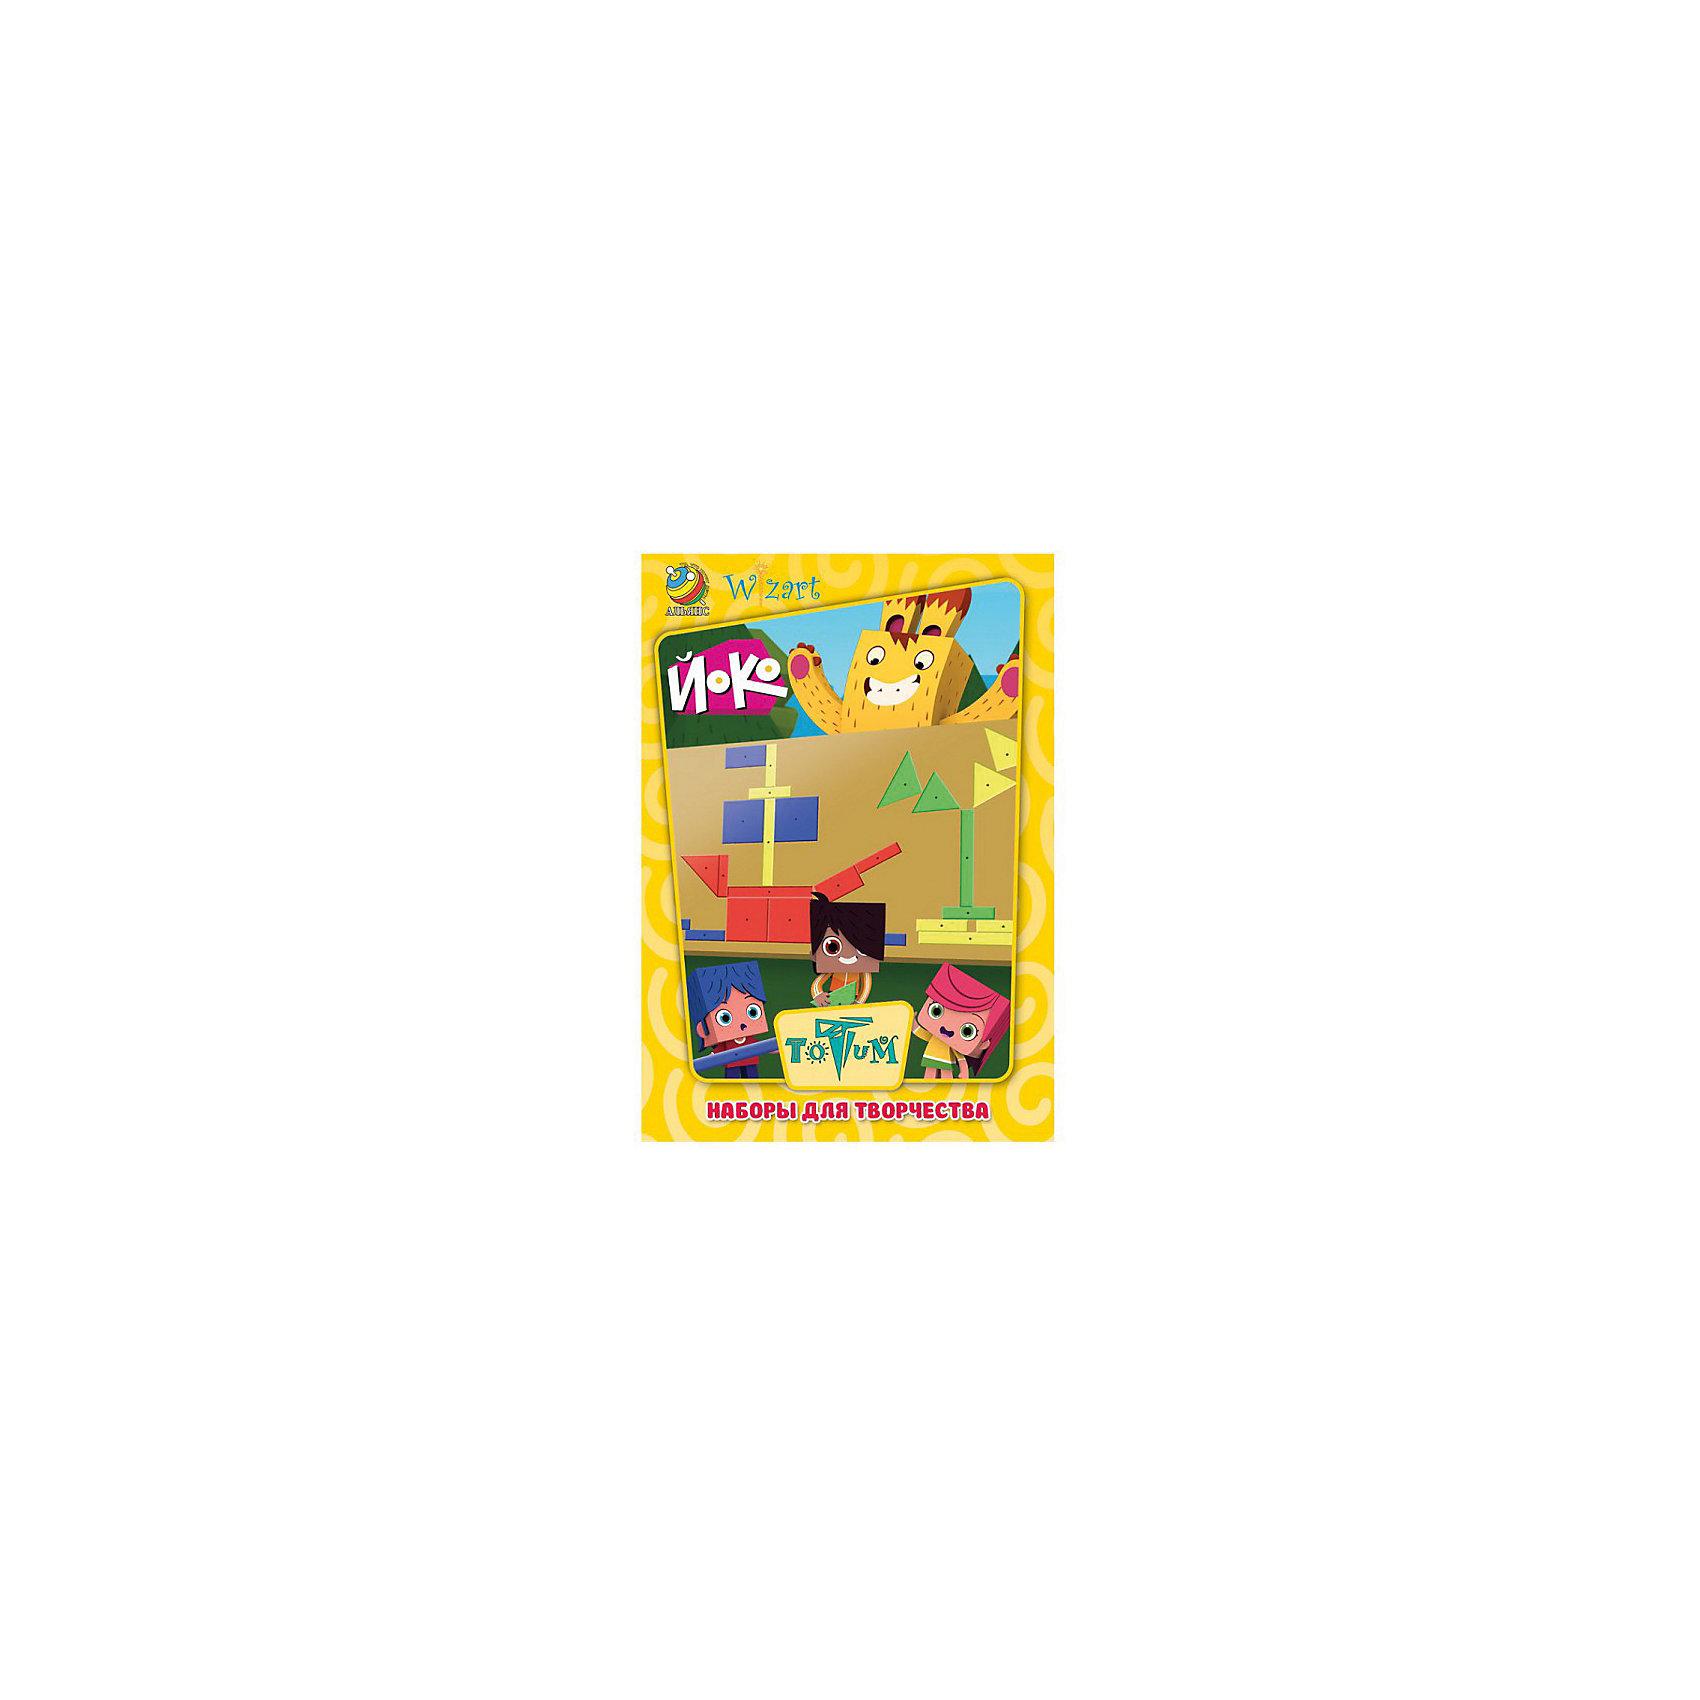 Набор для мальчиков ЮНЫЙ ПЛОТНИК YOKOНабор для мальчиков YOKO - Юный плотник. Для создания мозаичной картины. В составе набора - пробковая пластина под основу, мозаика разных цветов и форм, с отверстиями в центре, молоток, безопасные гвоздики, инструкция.<br><br>Ширина мм: 40<br>Глубина мм: 270<br>Высота мм: 180<br>Вес г: 229<br>Возраст от месяцев: 36<br>Возраст до месяцев: 84<br>Пол: Мужской<br>Возраст: Детский<br>SKU: 5032631